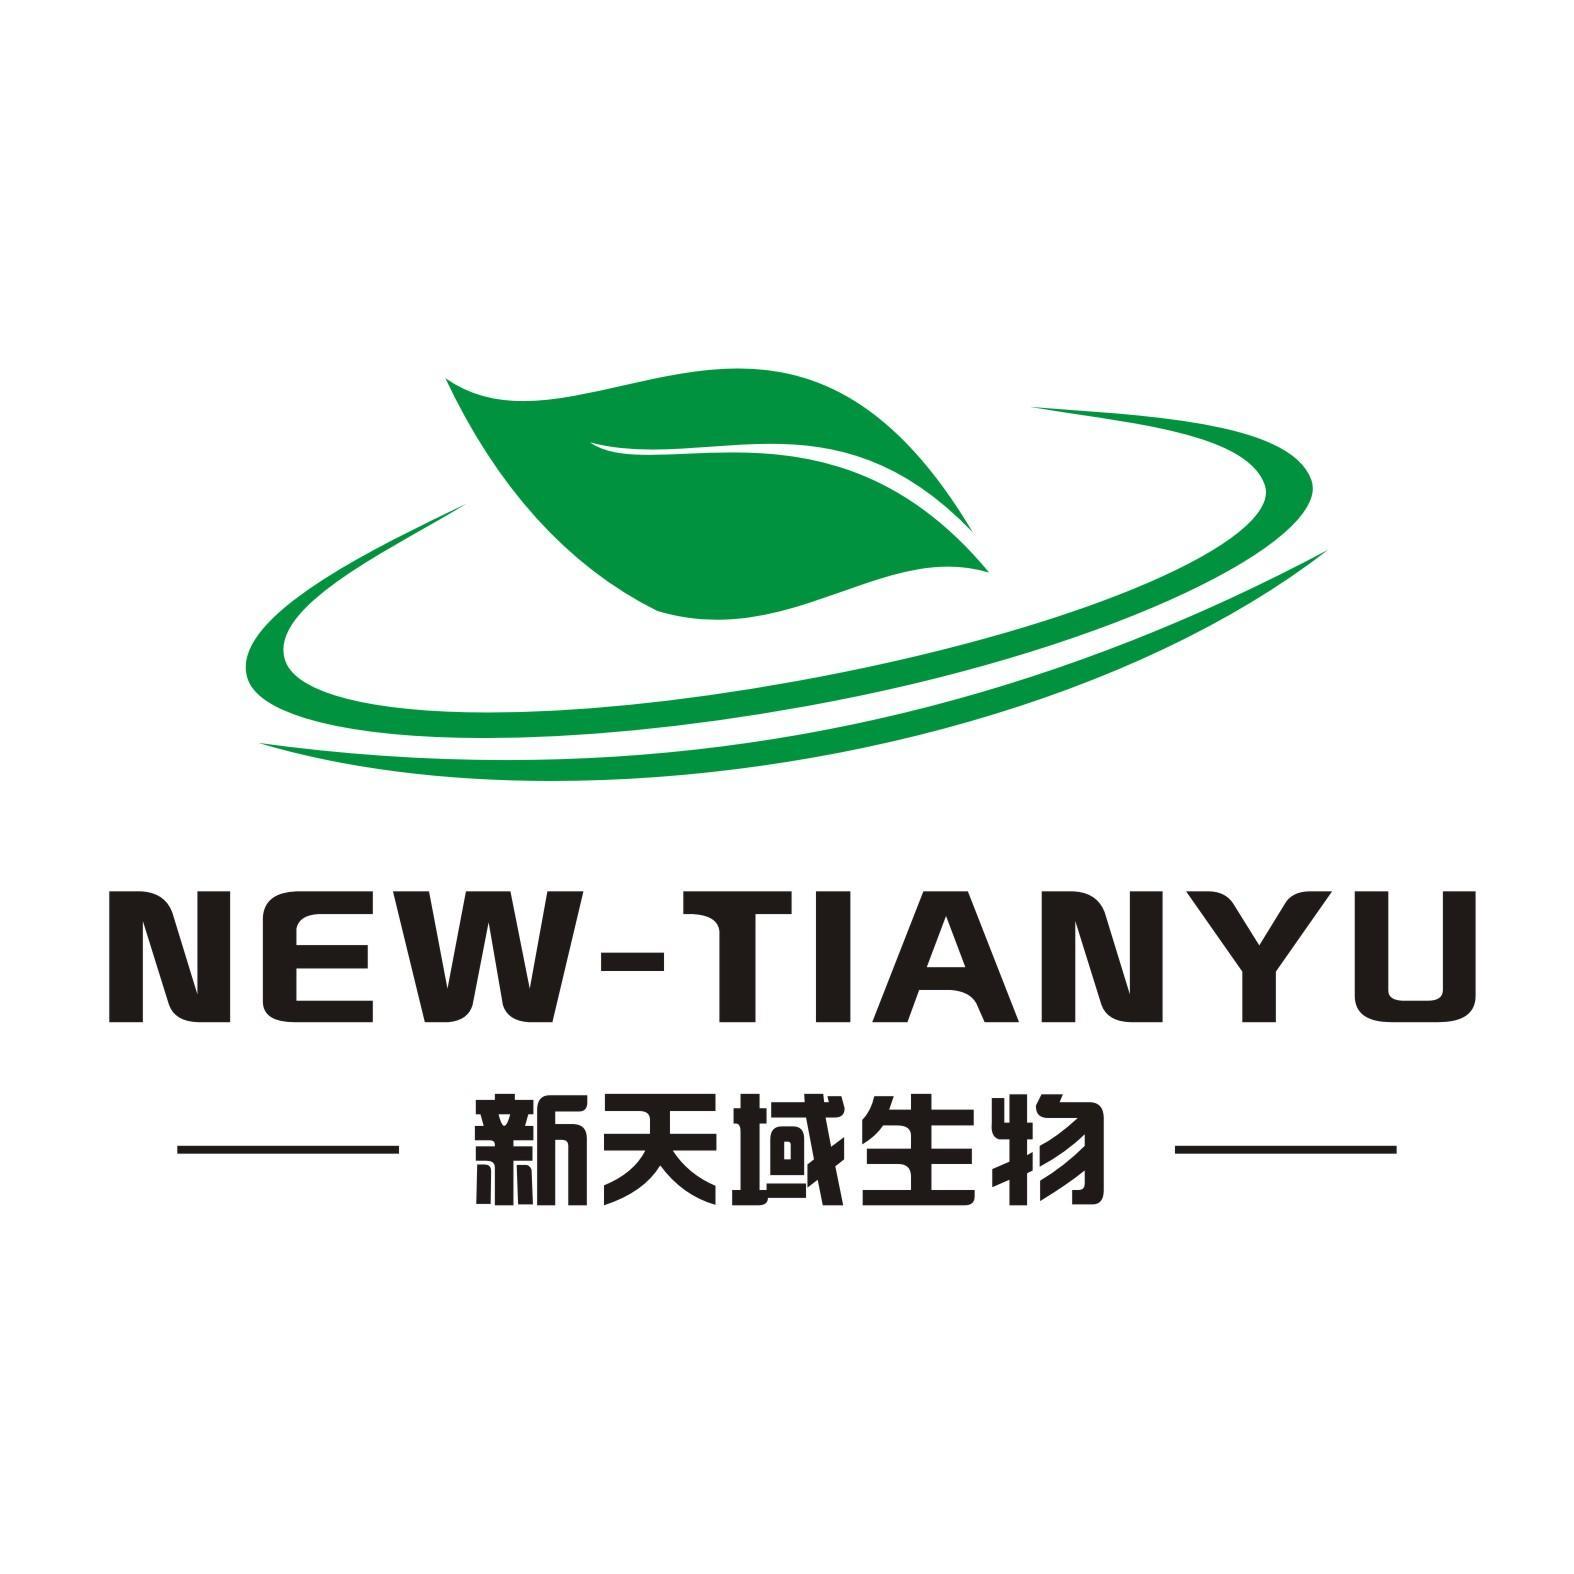 陕西新天域生物科技有限公司